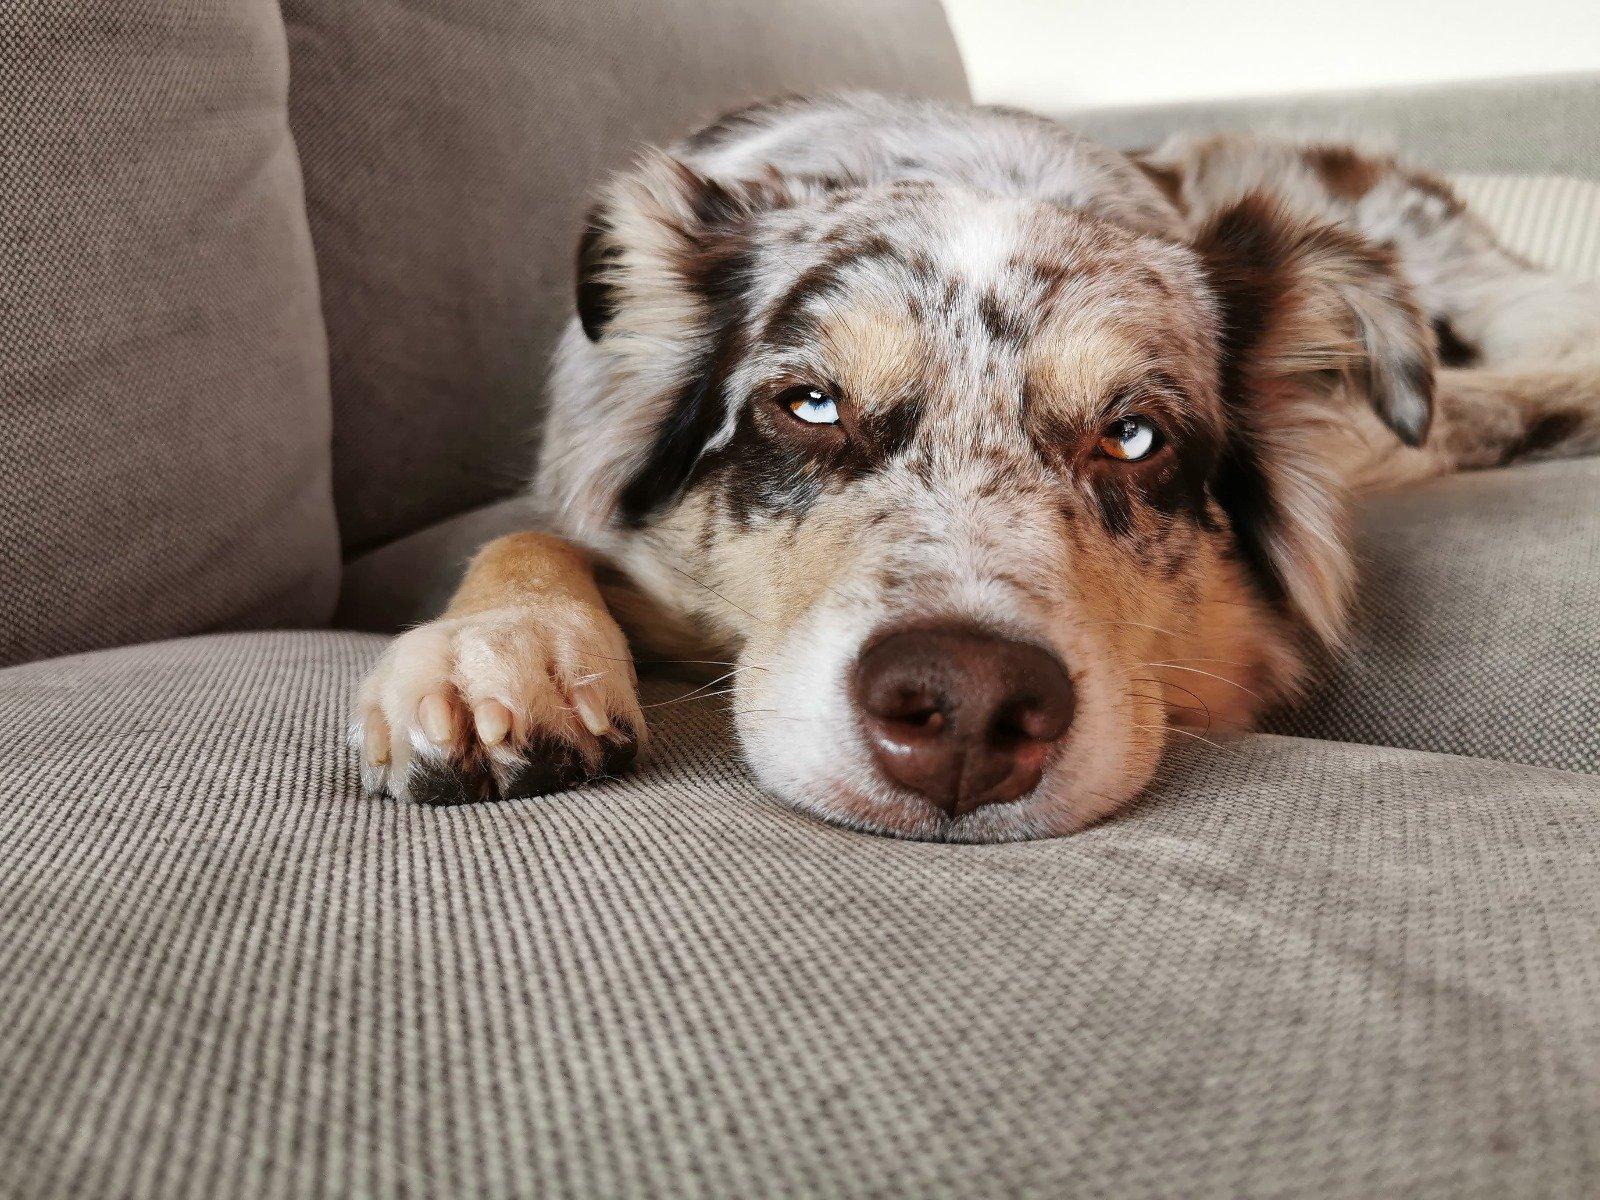 Hund liegt, Kopf auf den Pfoten, schaut krank oder traurig